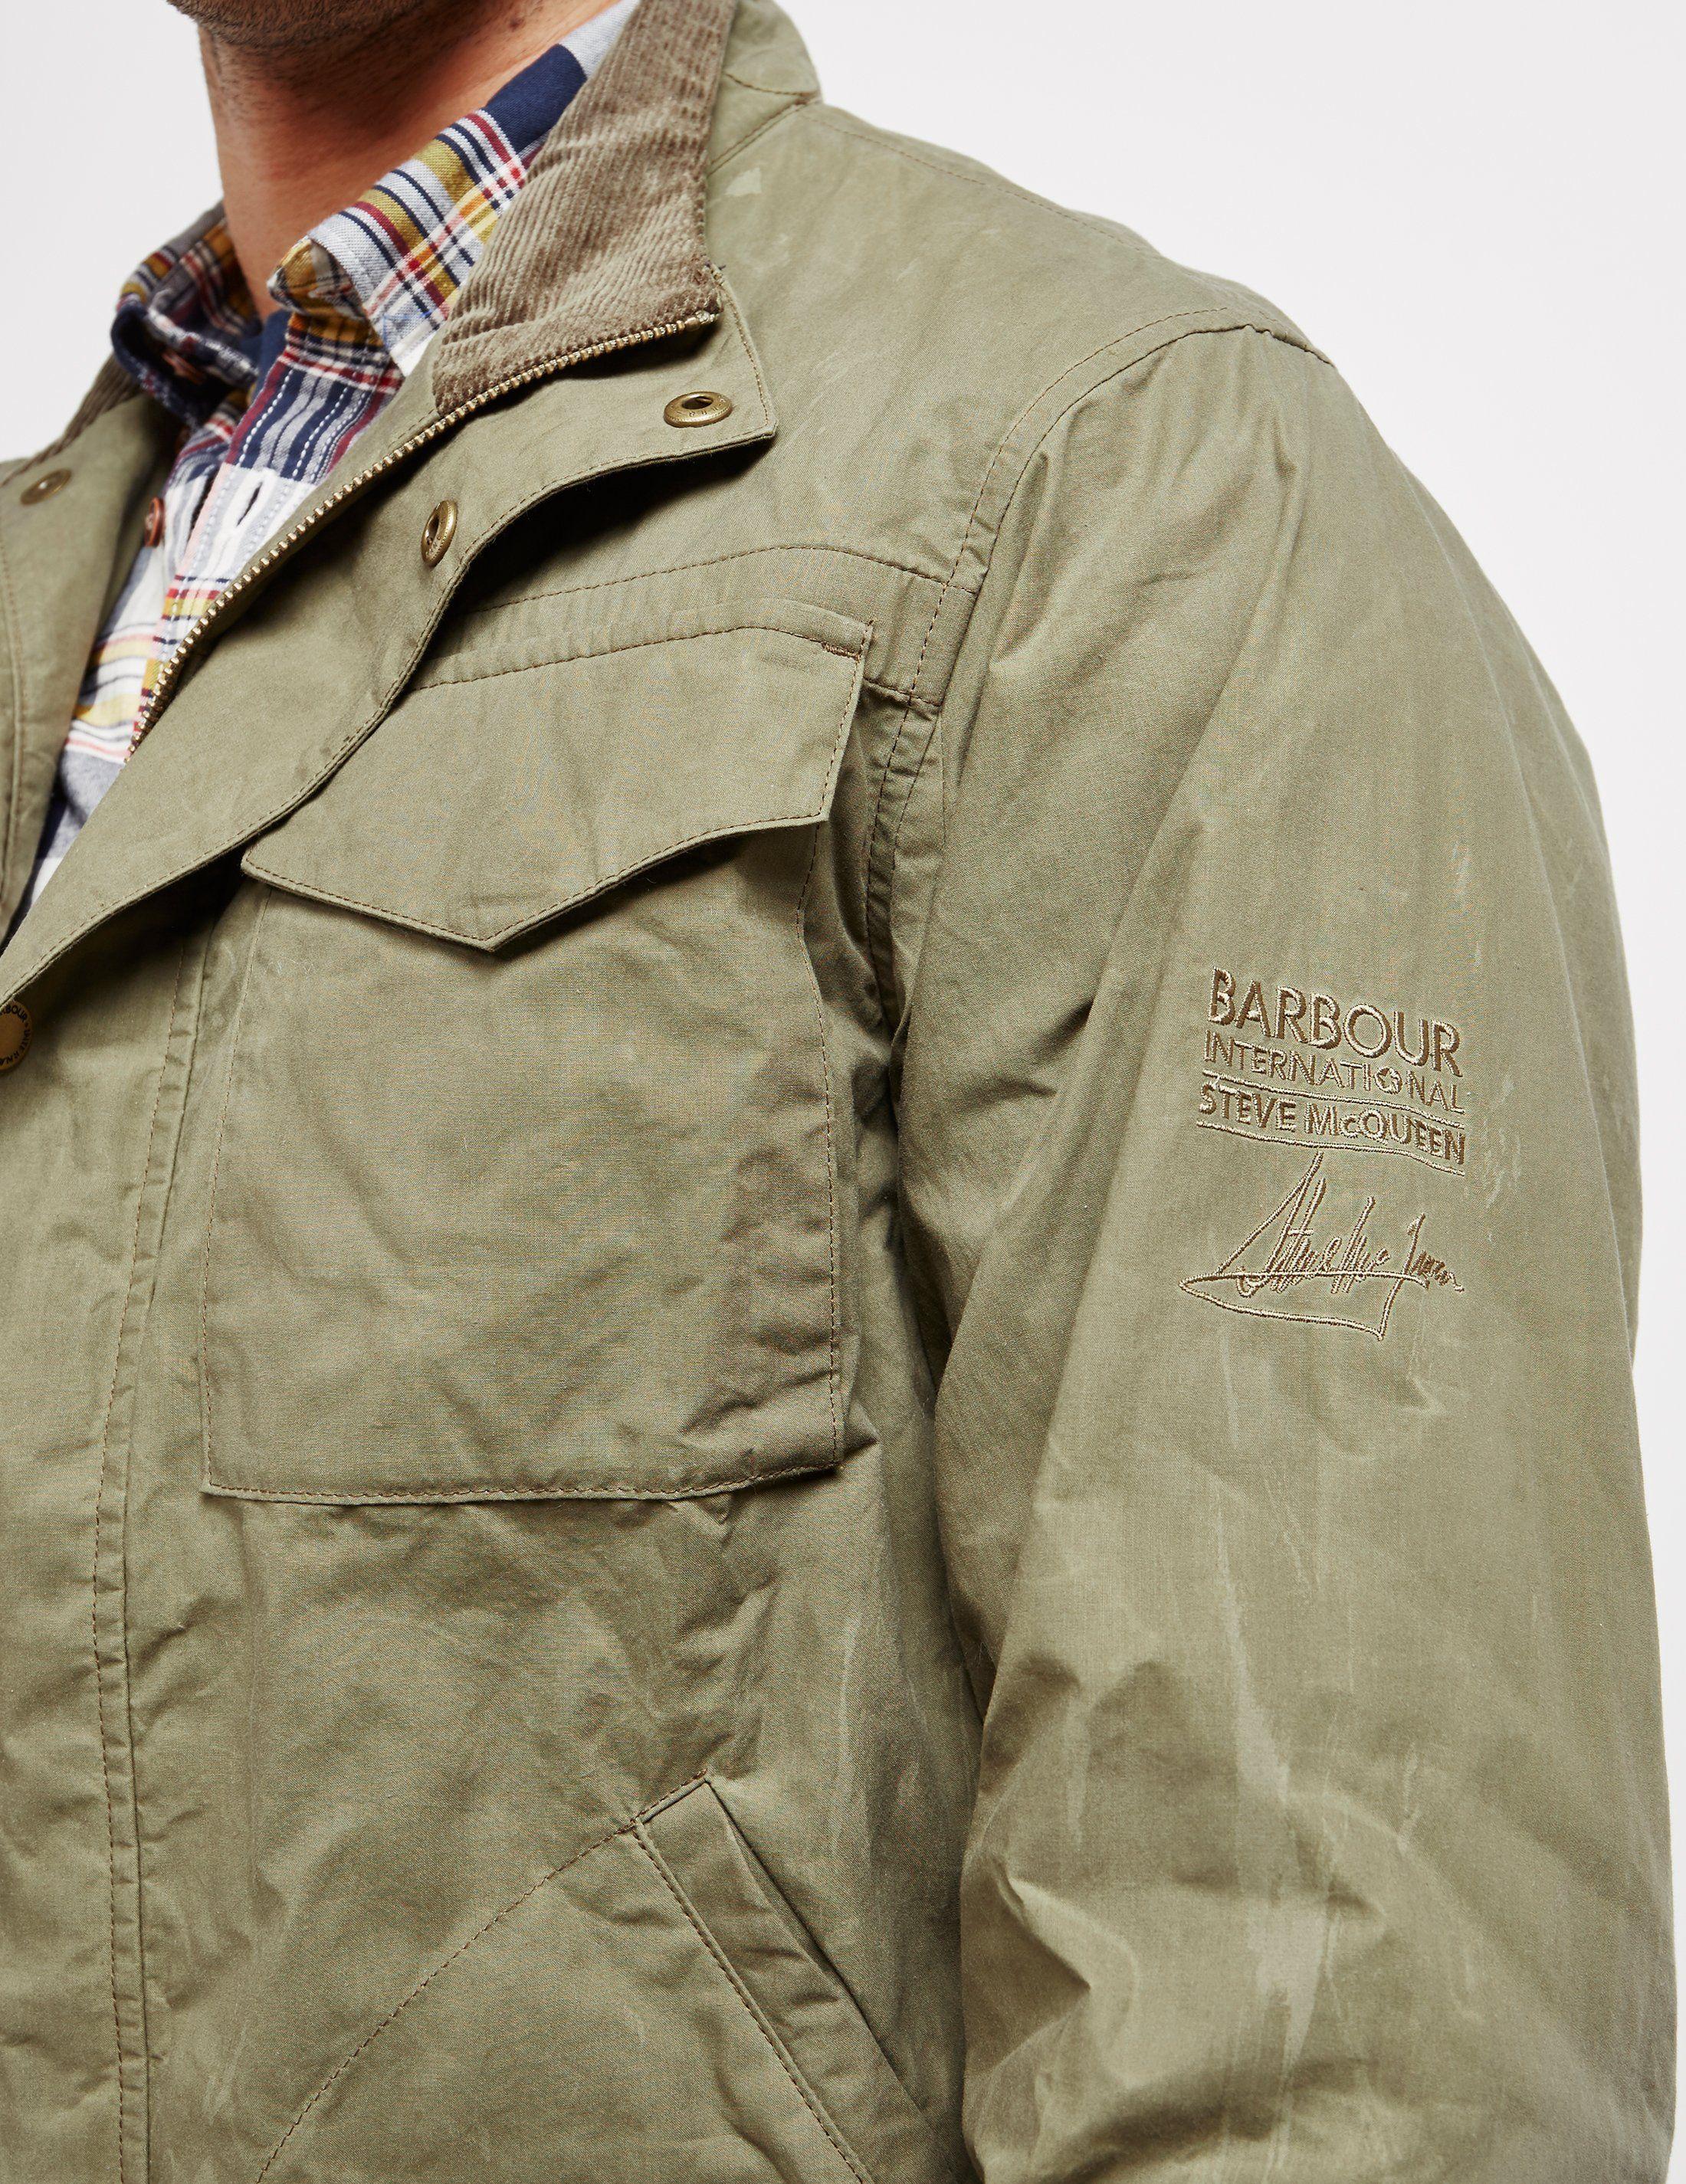 Barbour Steve McQueen Major Jacket